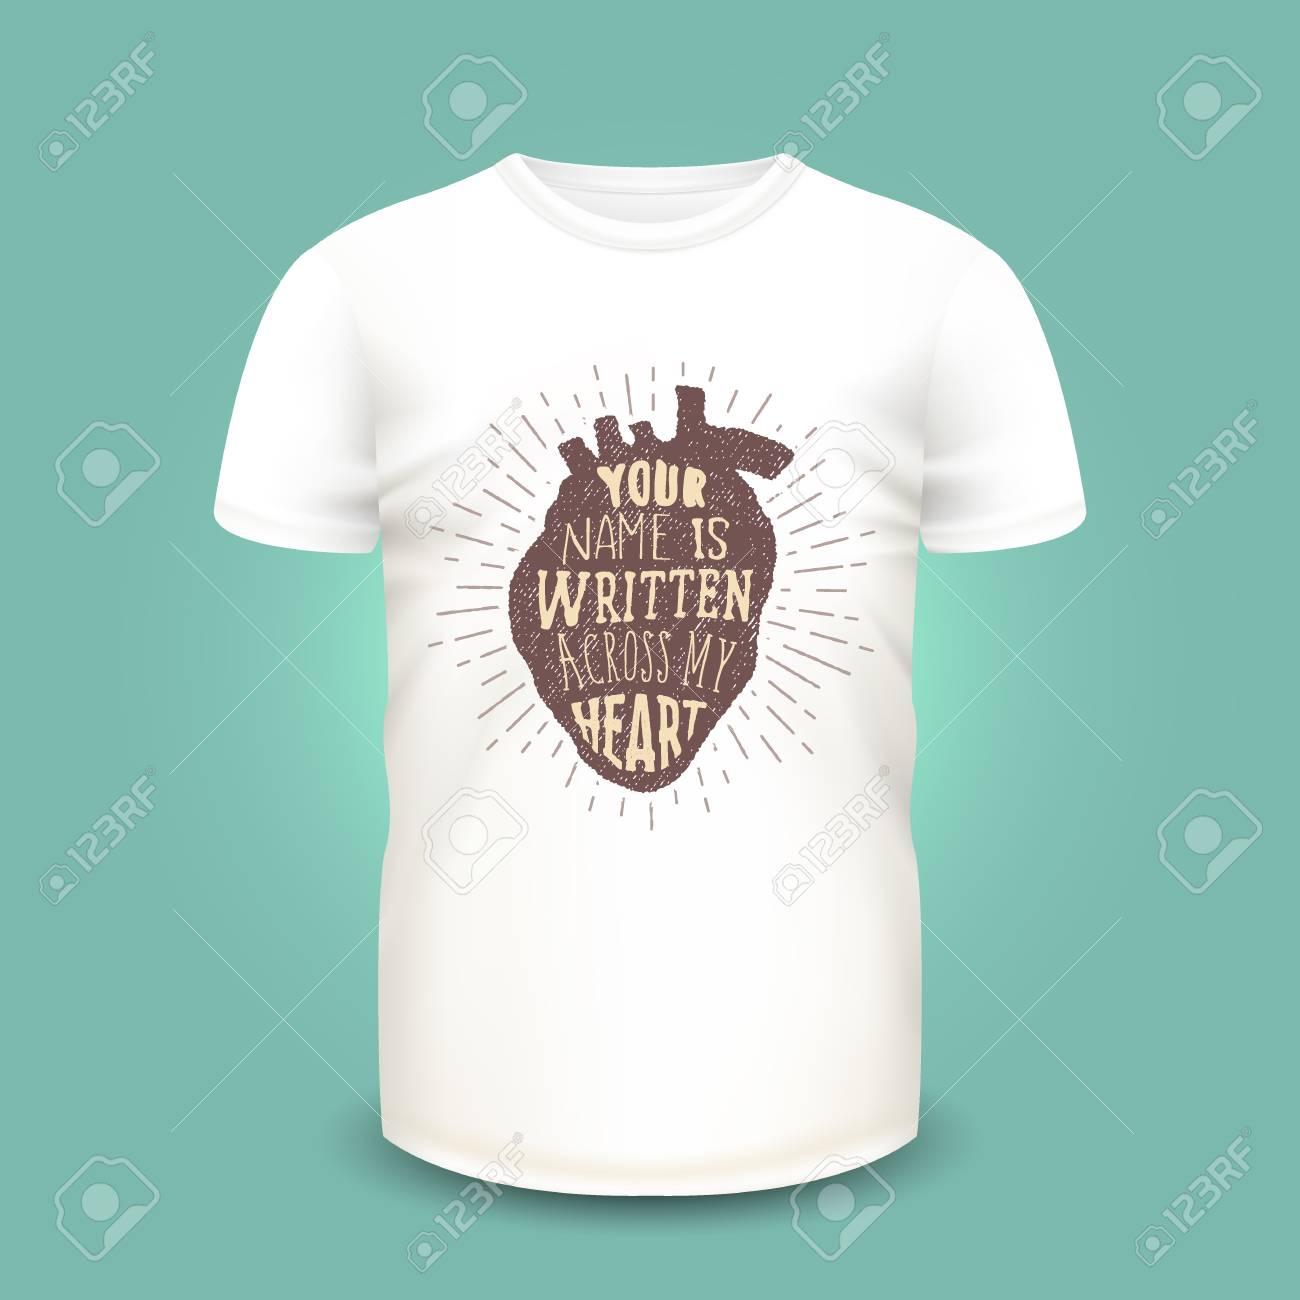 Diseño De Impresión De Camiseta Con Silueta De Corazón Humano Y ...